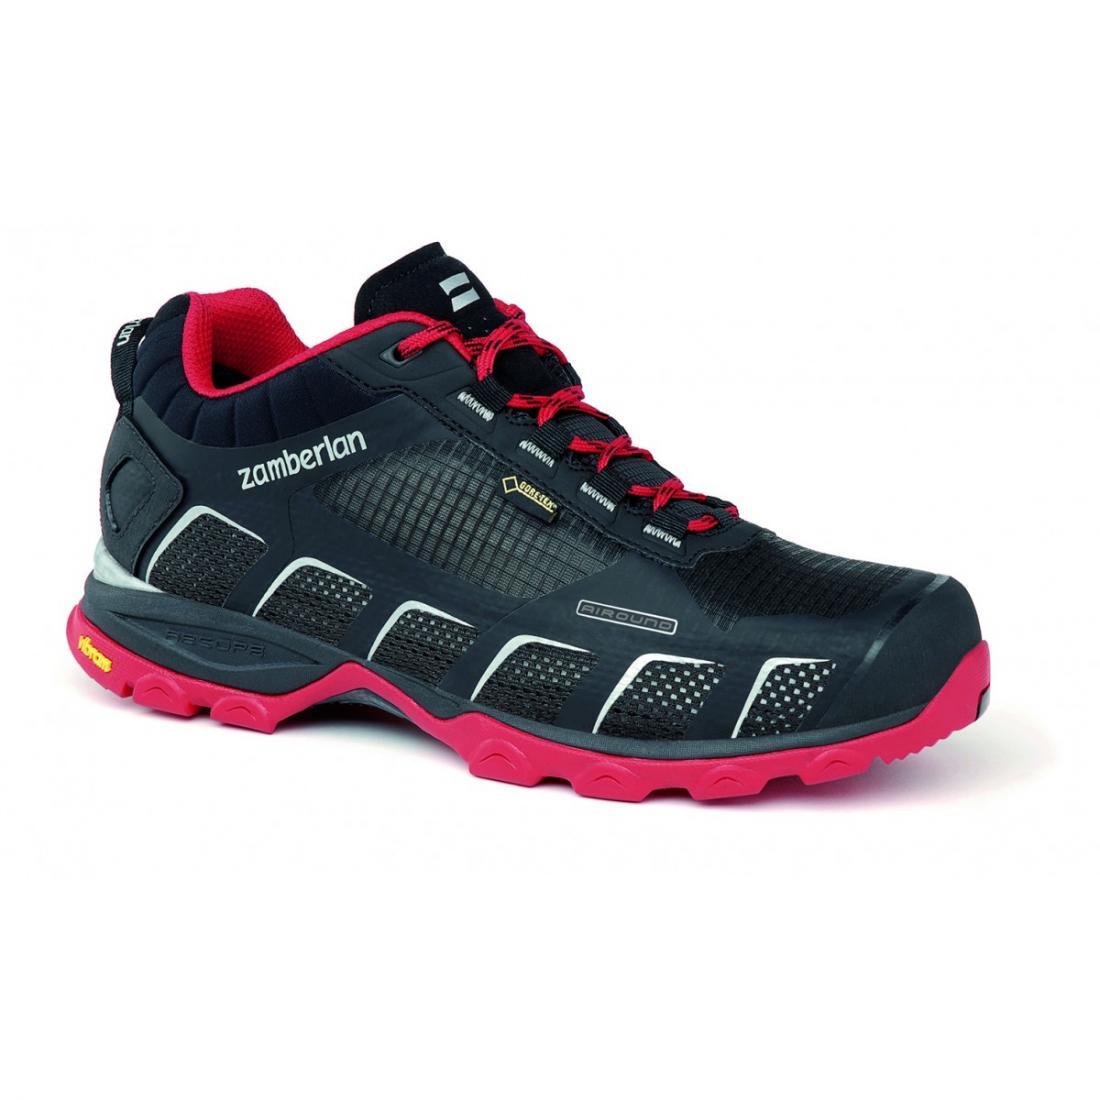 Кроссовки 132 AIR-ROUND GTX RRХайкинговые<br>Стильные ботинки средней высоты для легкого и уверенного движения по горным тропам. Комфортная посадка этих ботинок усовершенствована з...<br><br>Цвет: Черный<br>Размер: 42